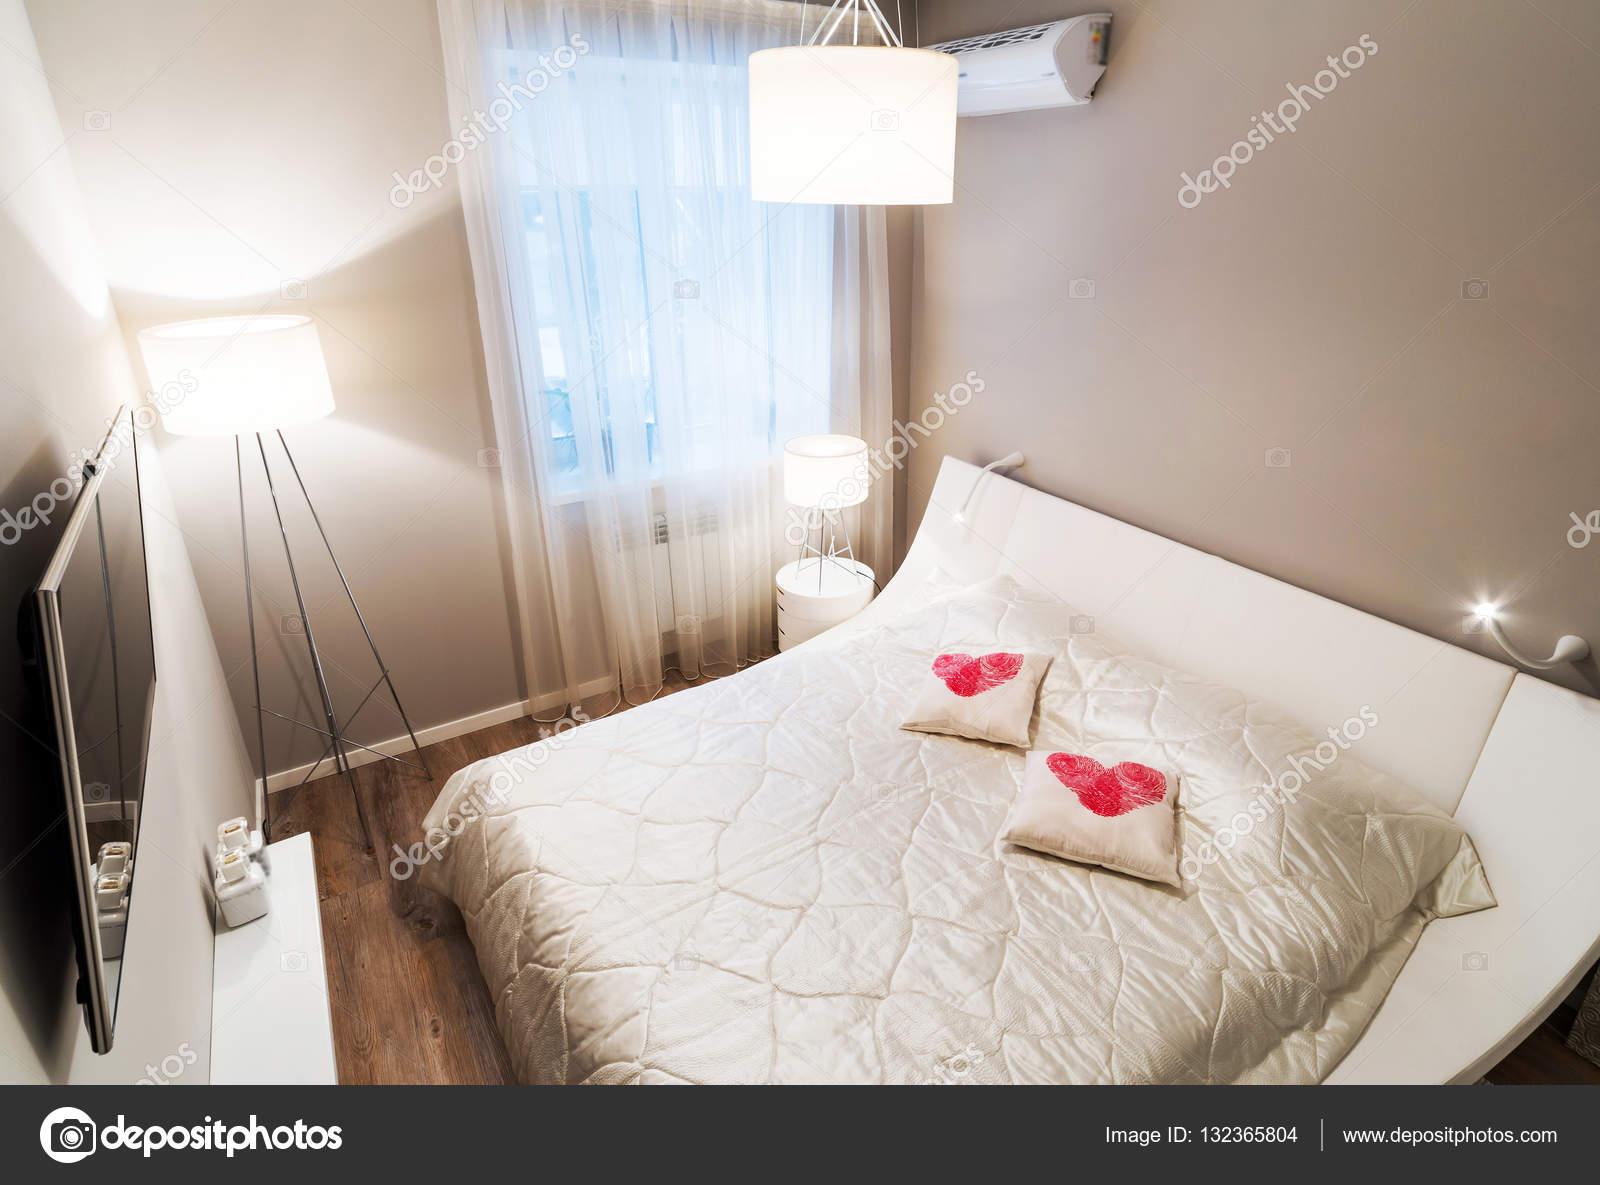 https://st3.depositphotos.com/1004176/13236/i/1600/depositphotos_132365804-stockafbeelding-slaapkamer-interieur-in-beige-kleuren.jpg